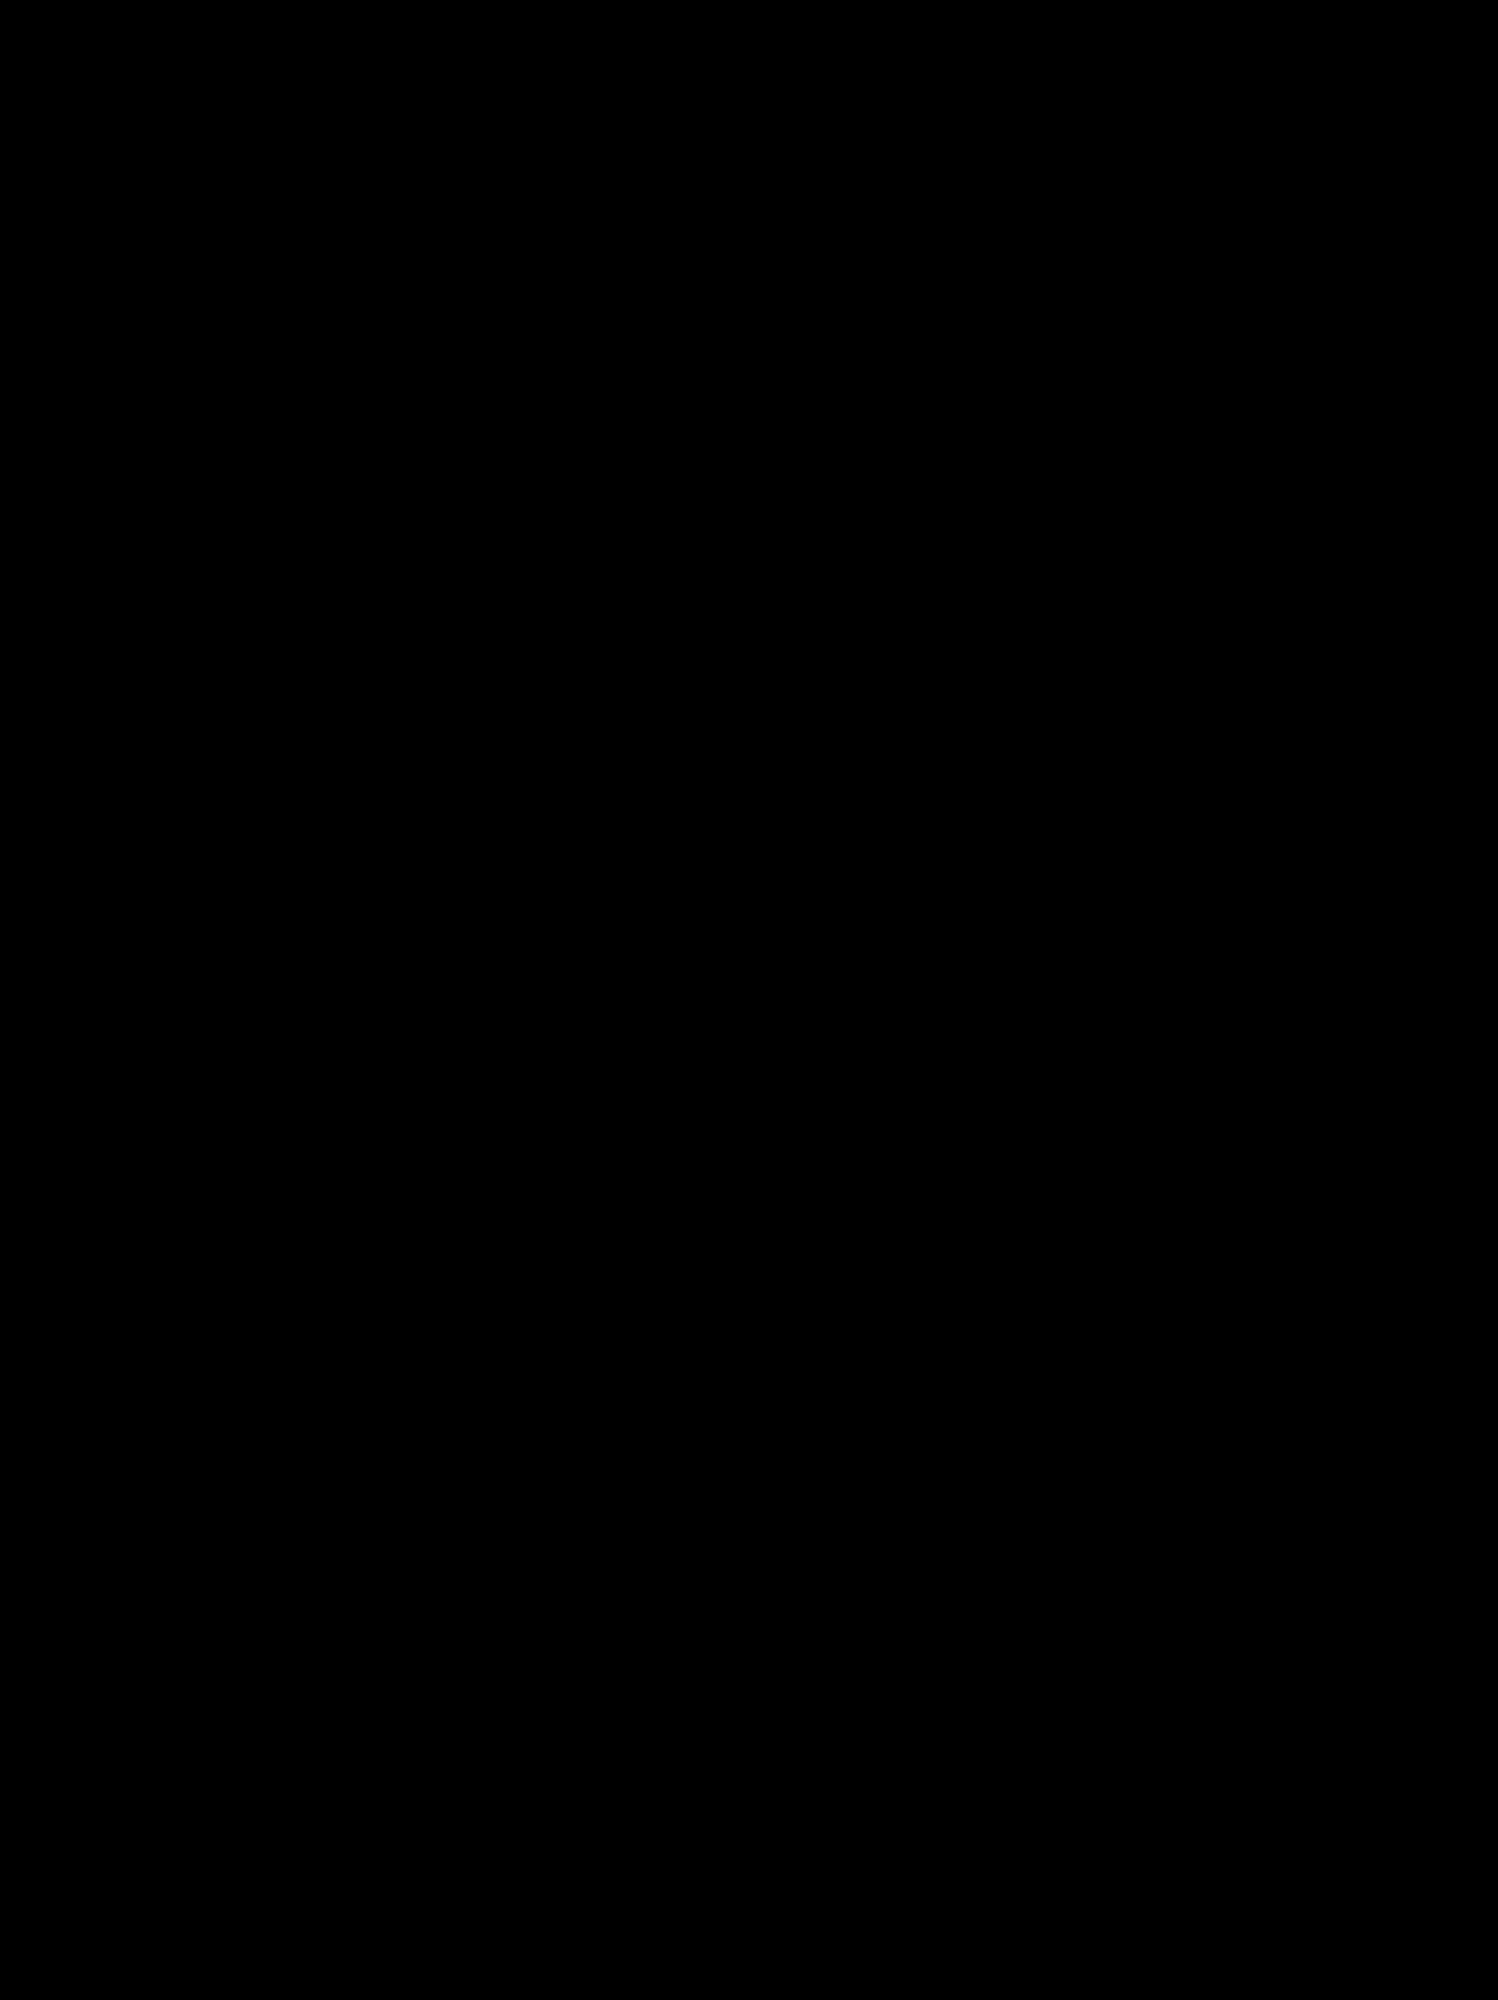 Share-logo-black.png